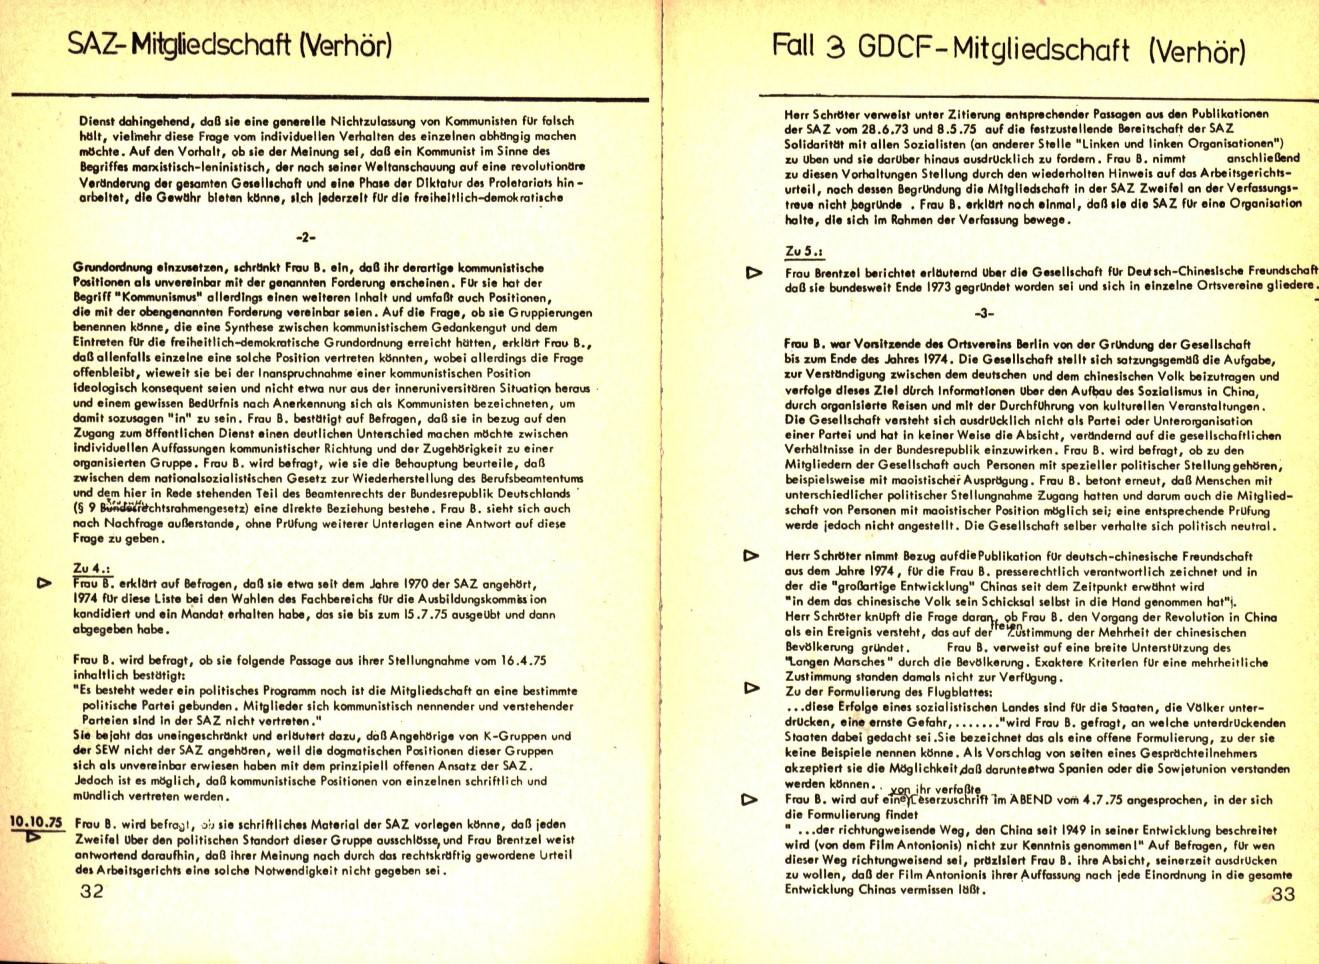 Berlin_VDS_Aktionskomitee_1976_BerufsverboteIII_18